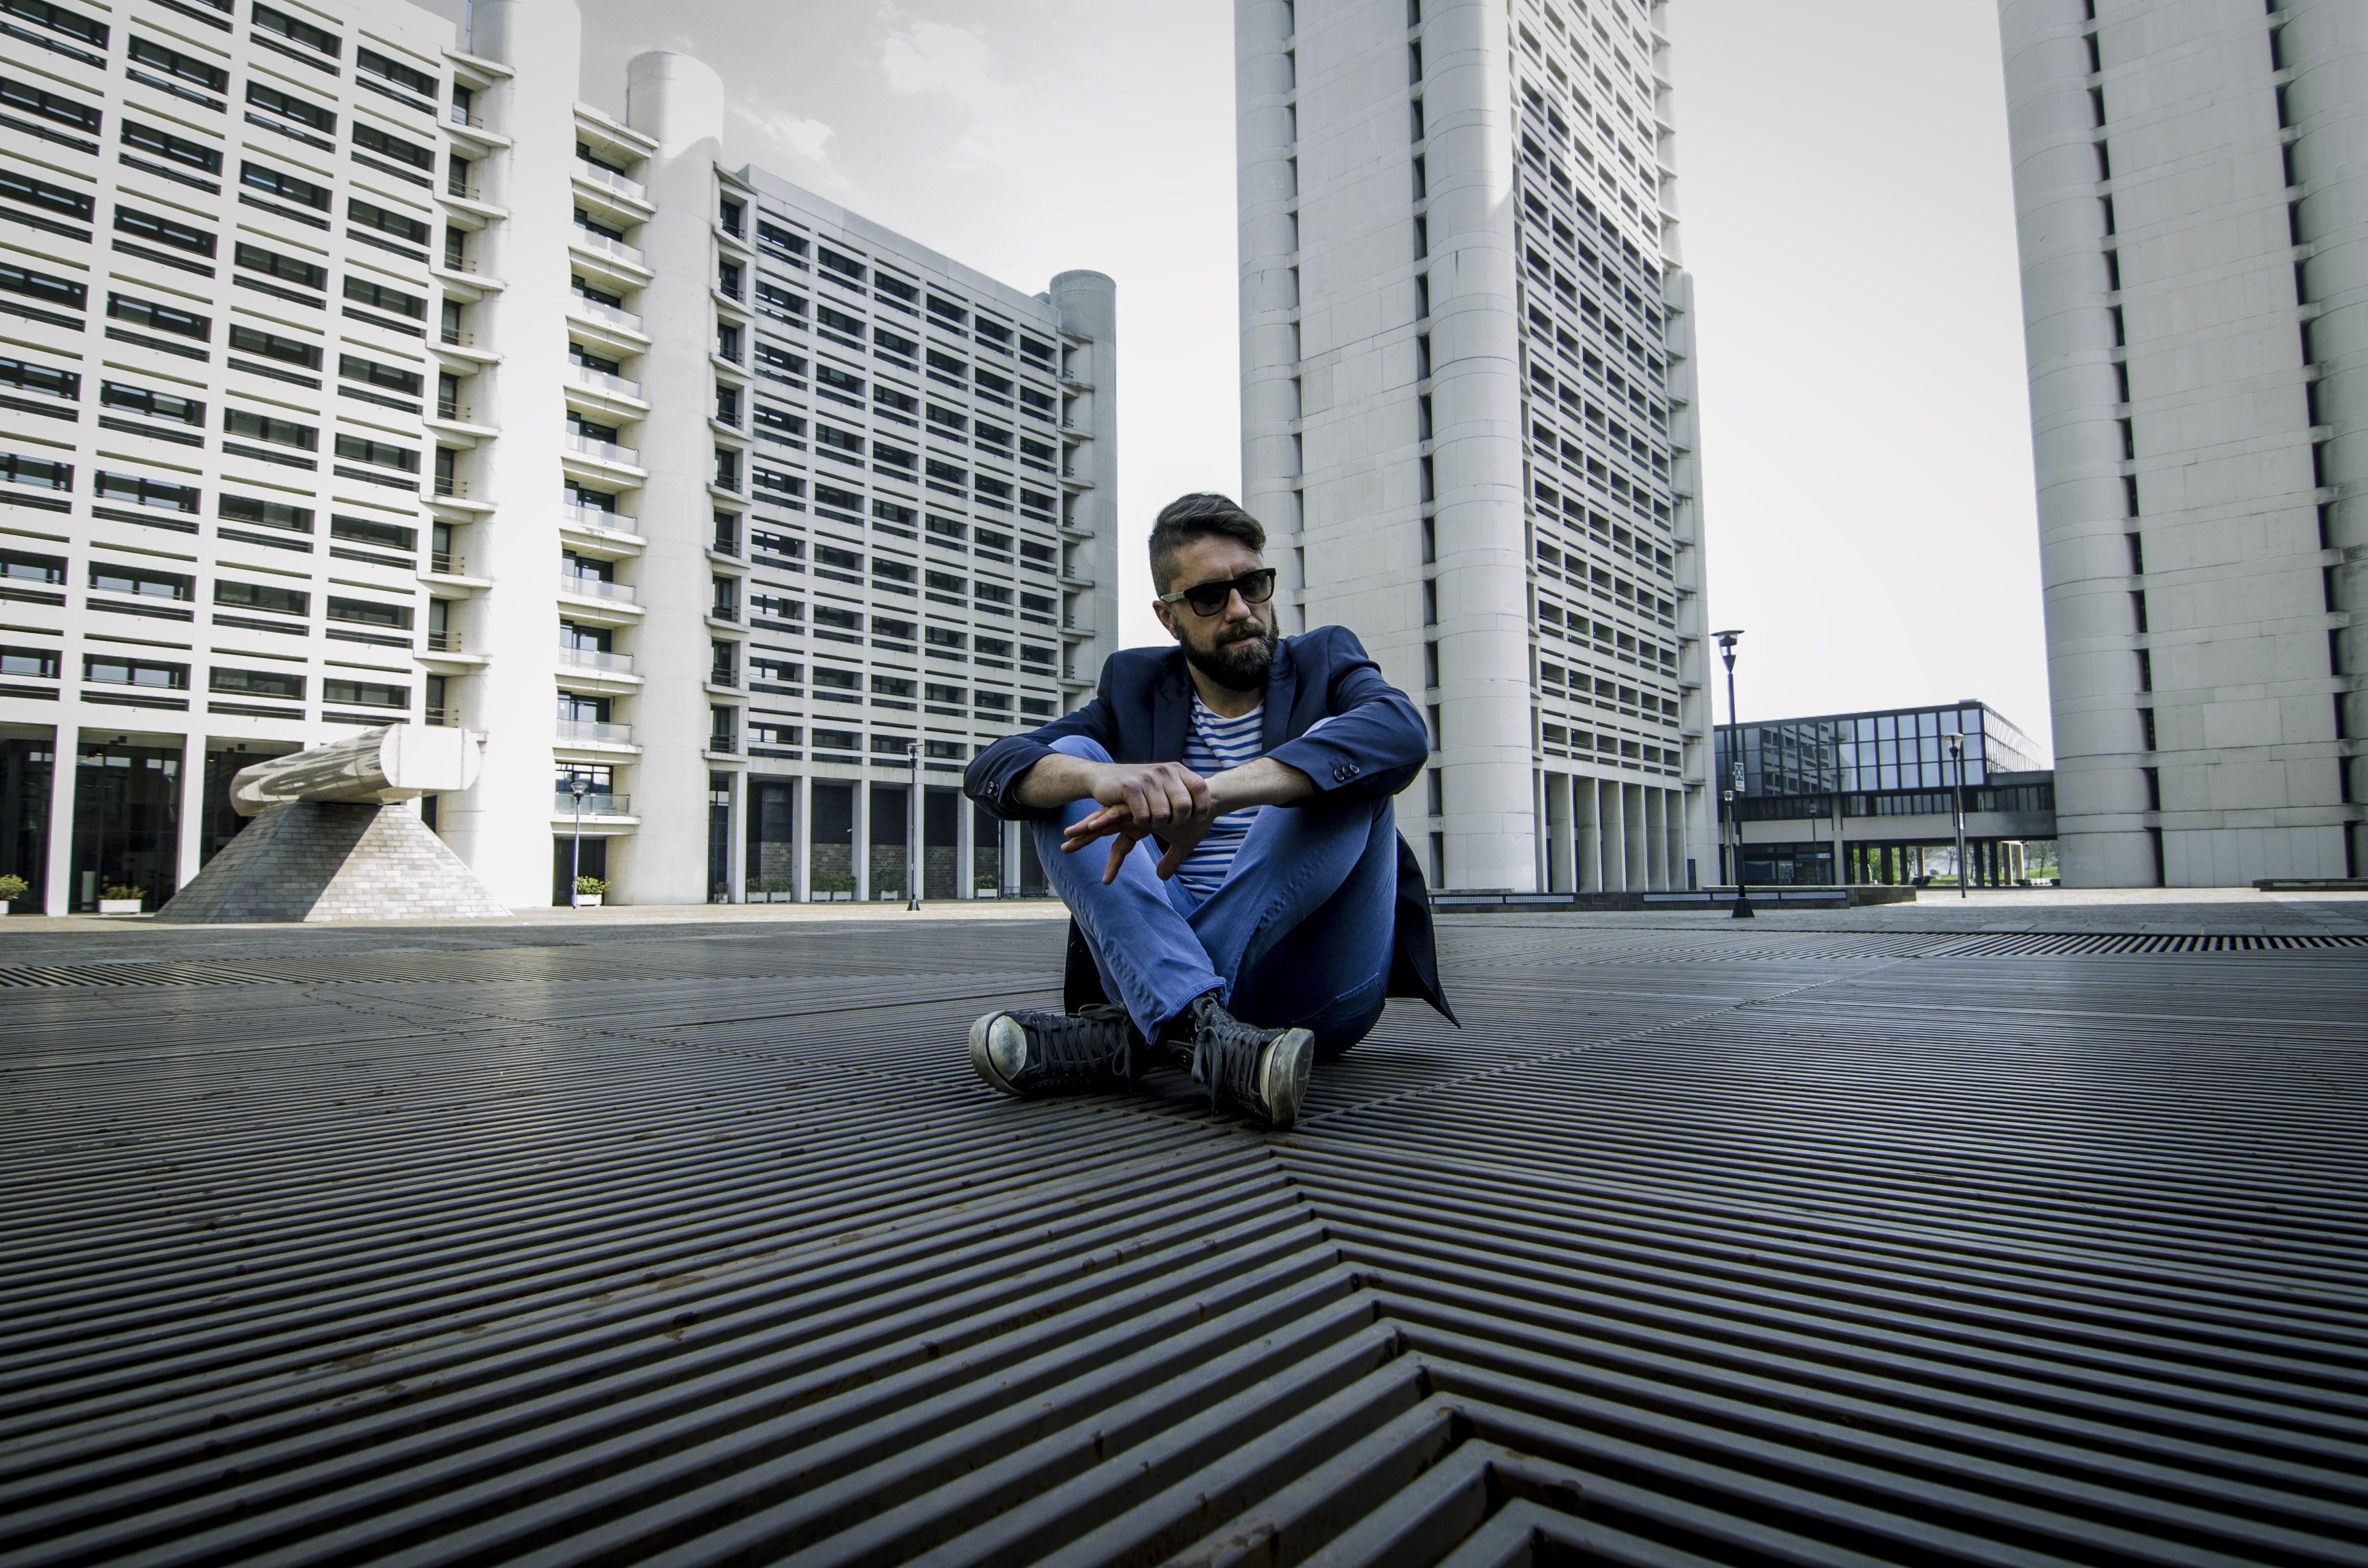 myale-fanpage-intervista-blog-autori-angelo-andrea-vegliante-musica-ci-provo-sempre-a-farti-ridere